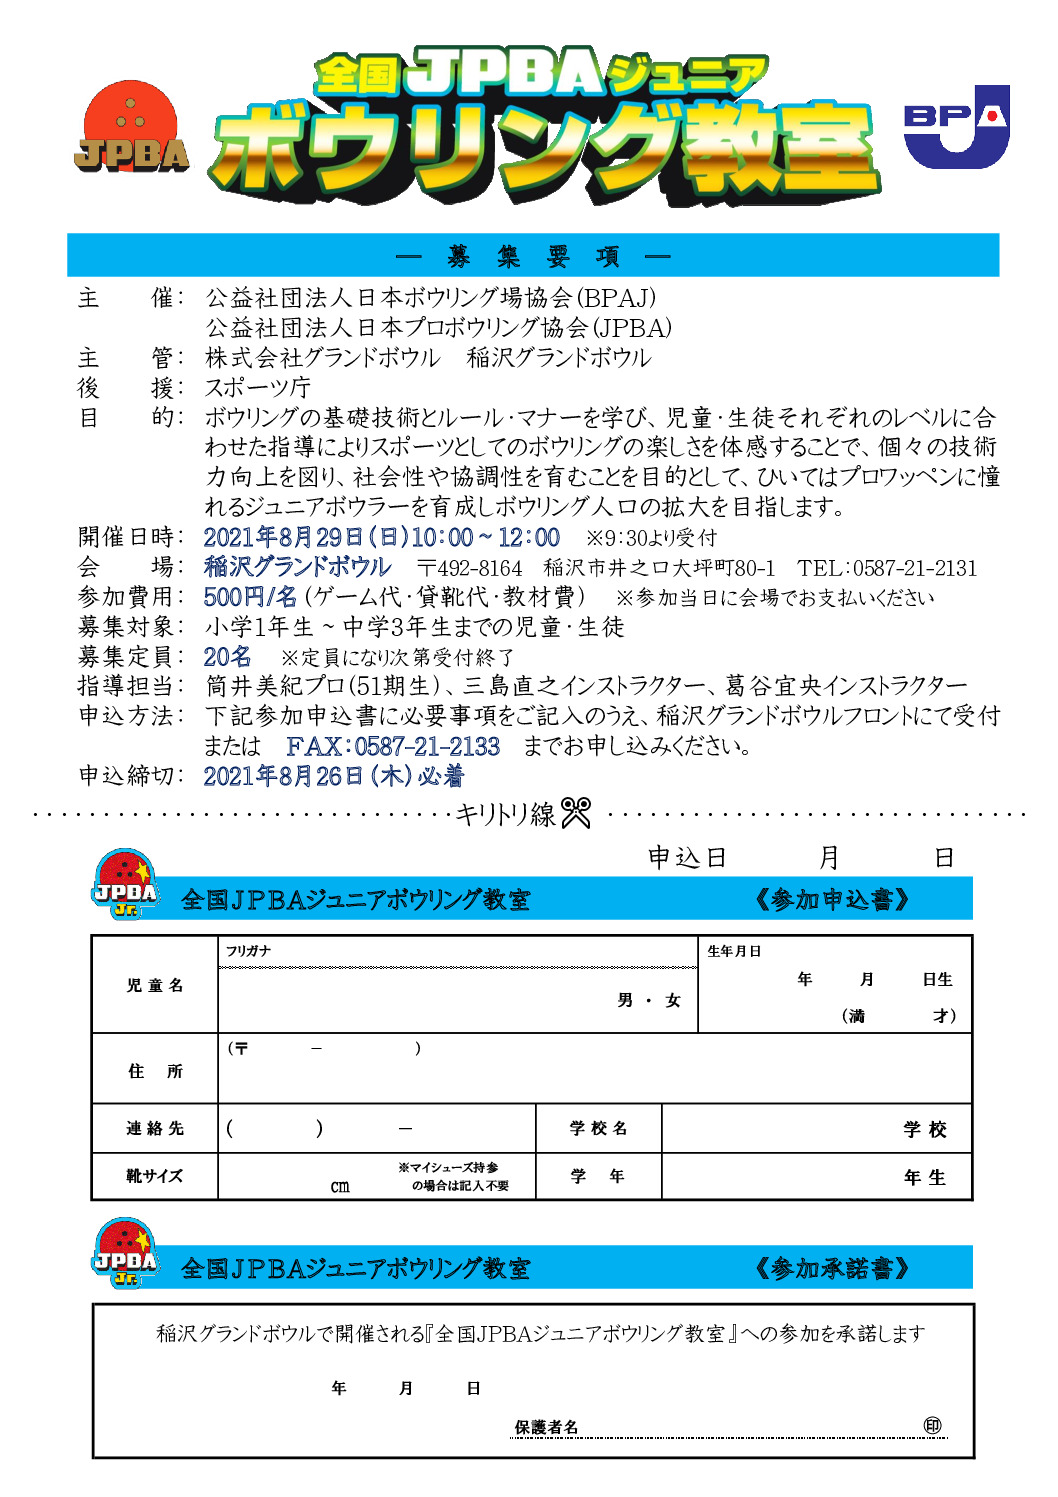 JPBAジュニアボウリング教室《申込用紙》のサムネイル